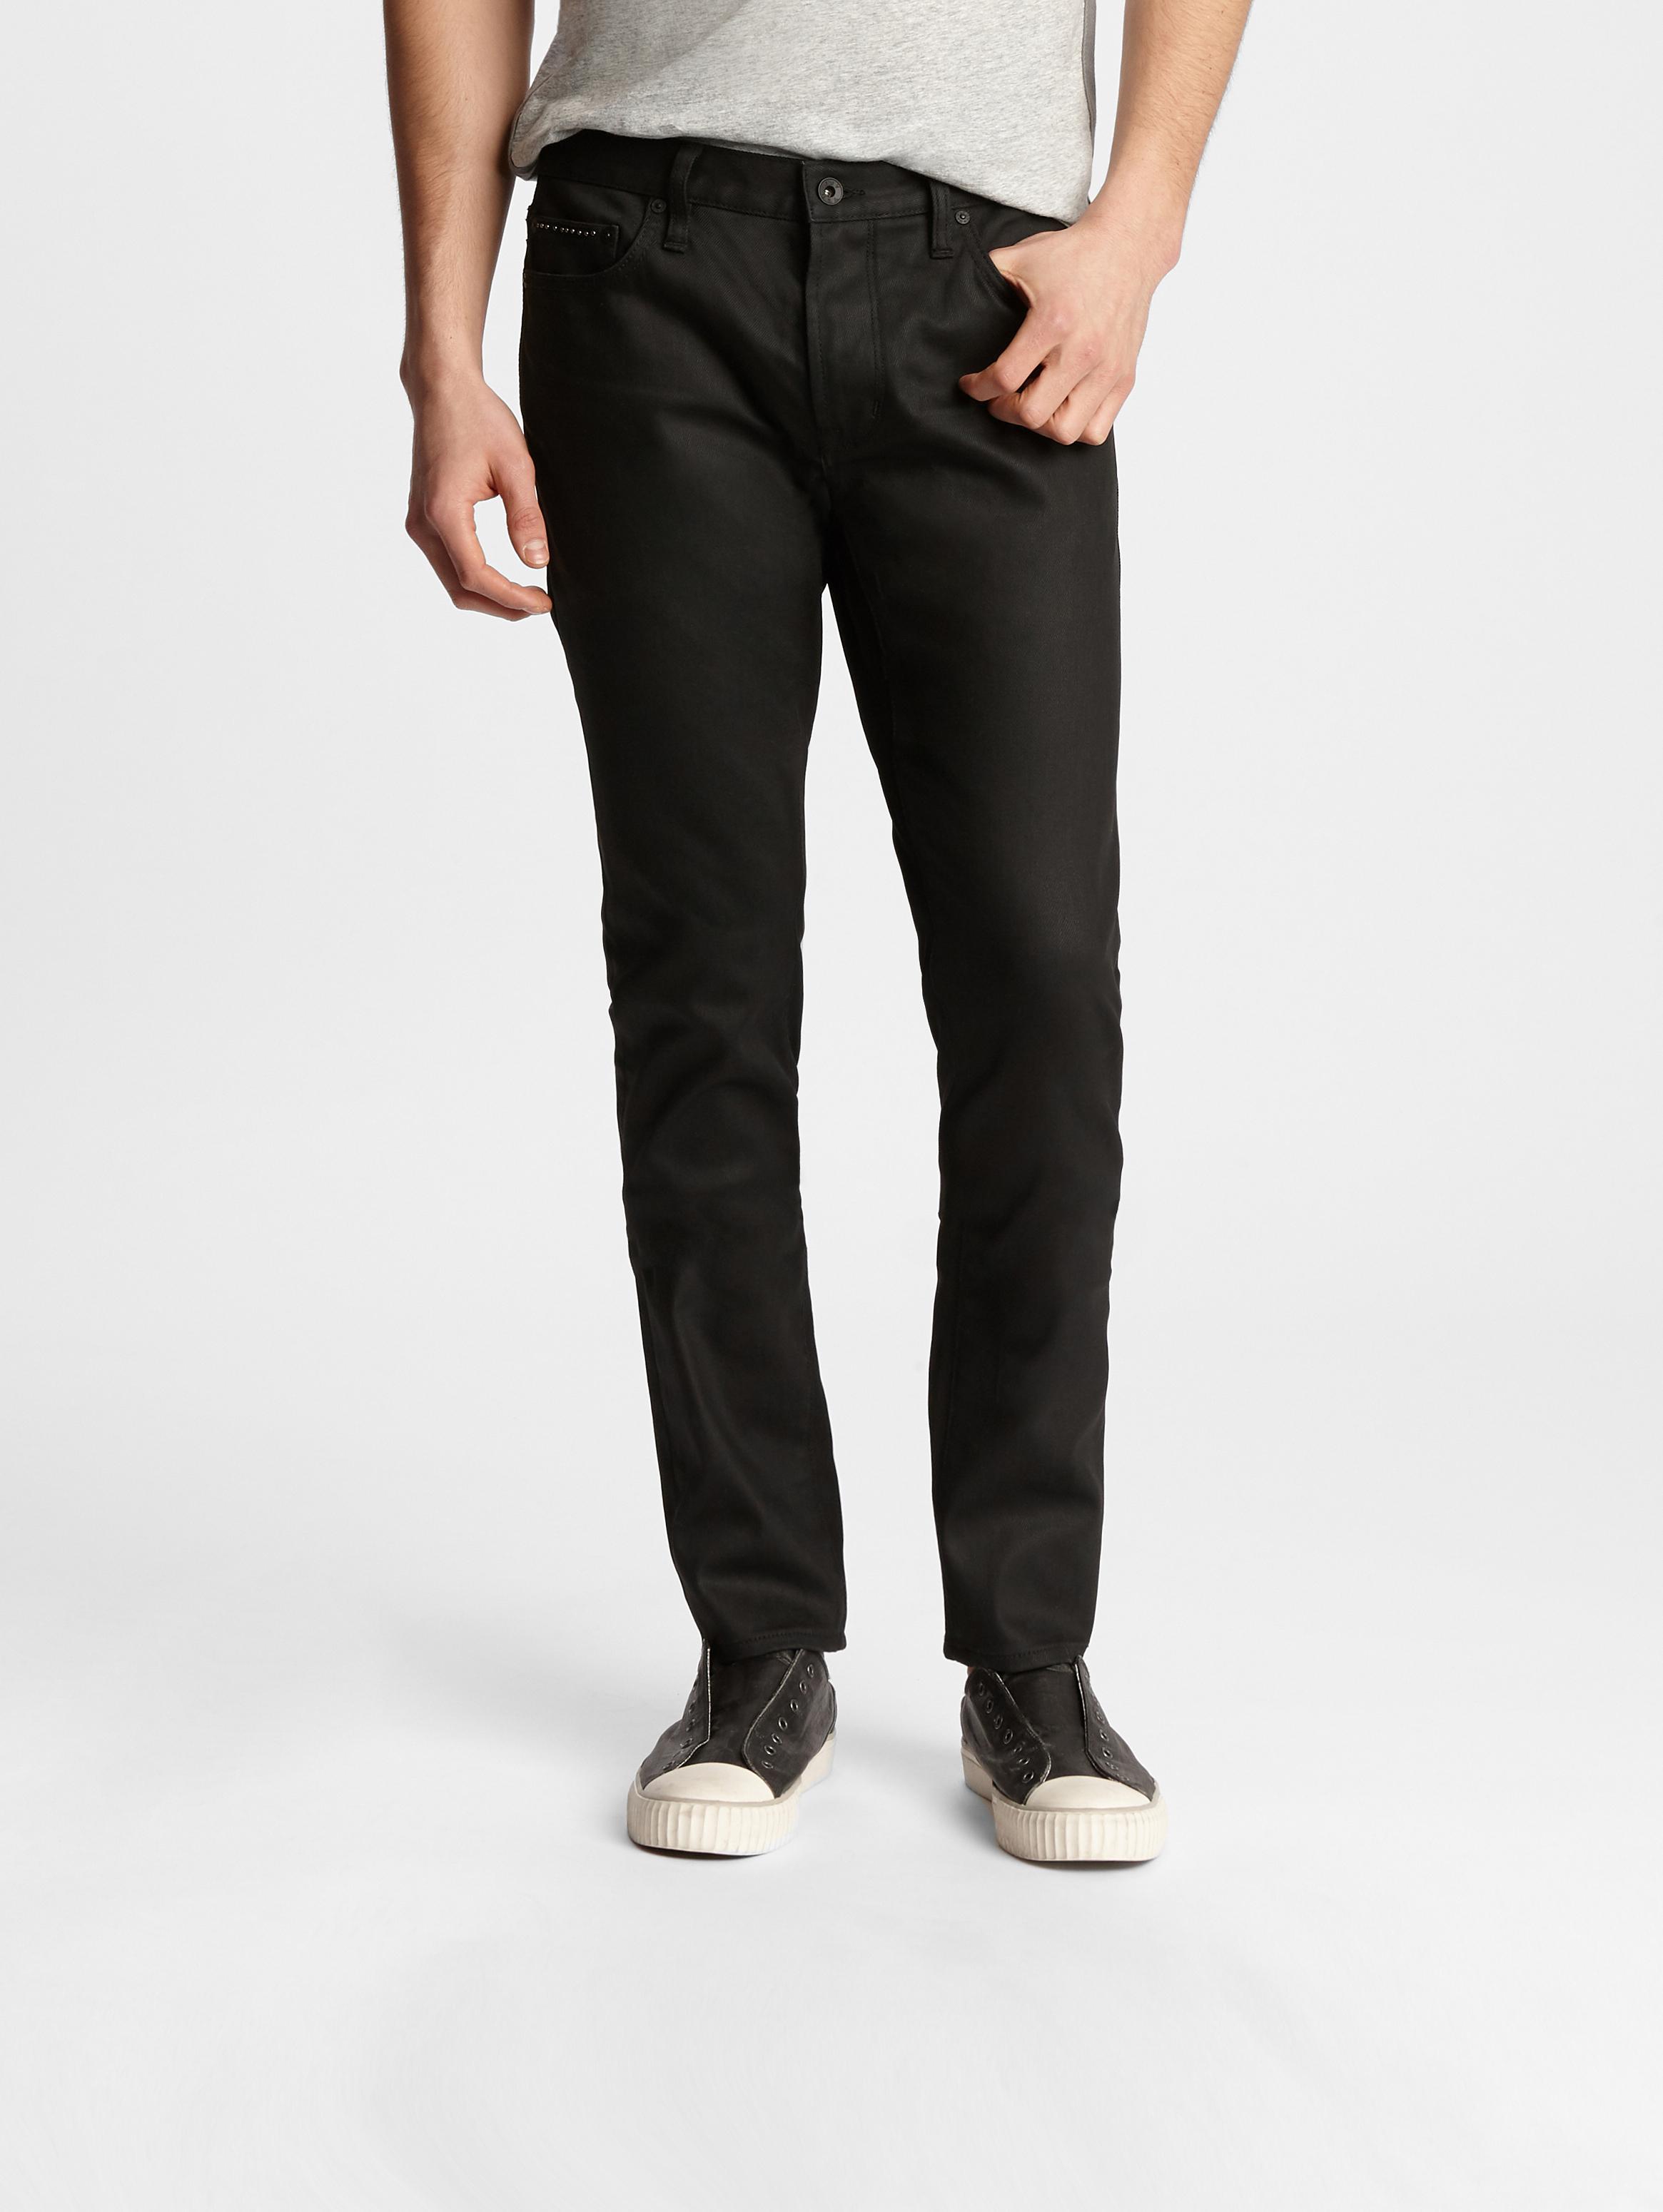 John Varvatos Black Wight Fit Studded Jeans